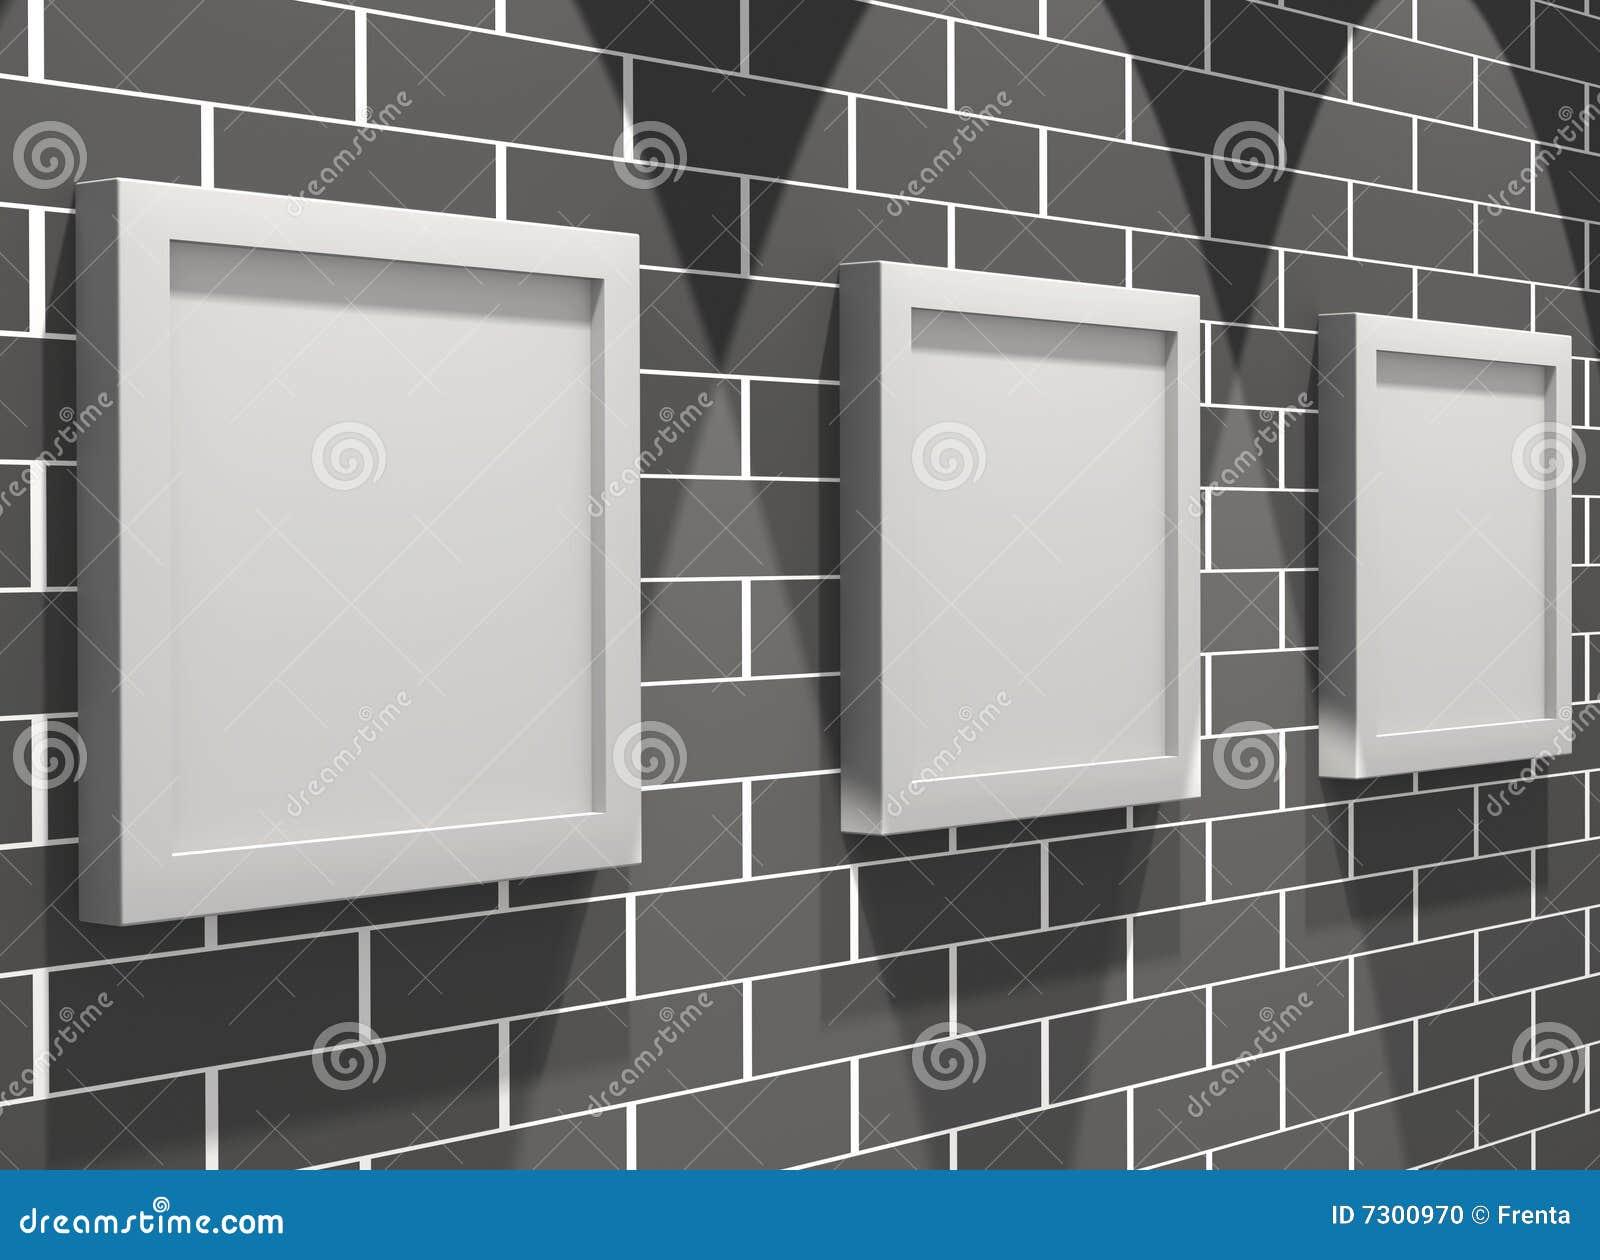 Galleria di maschera 3d su un muro di mattoni